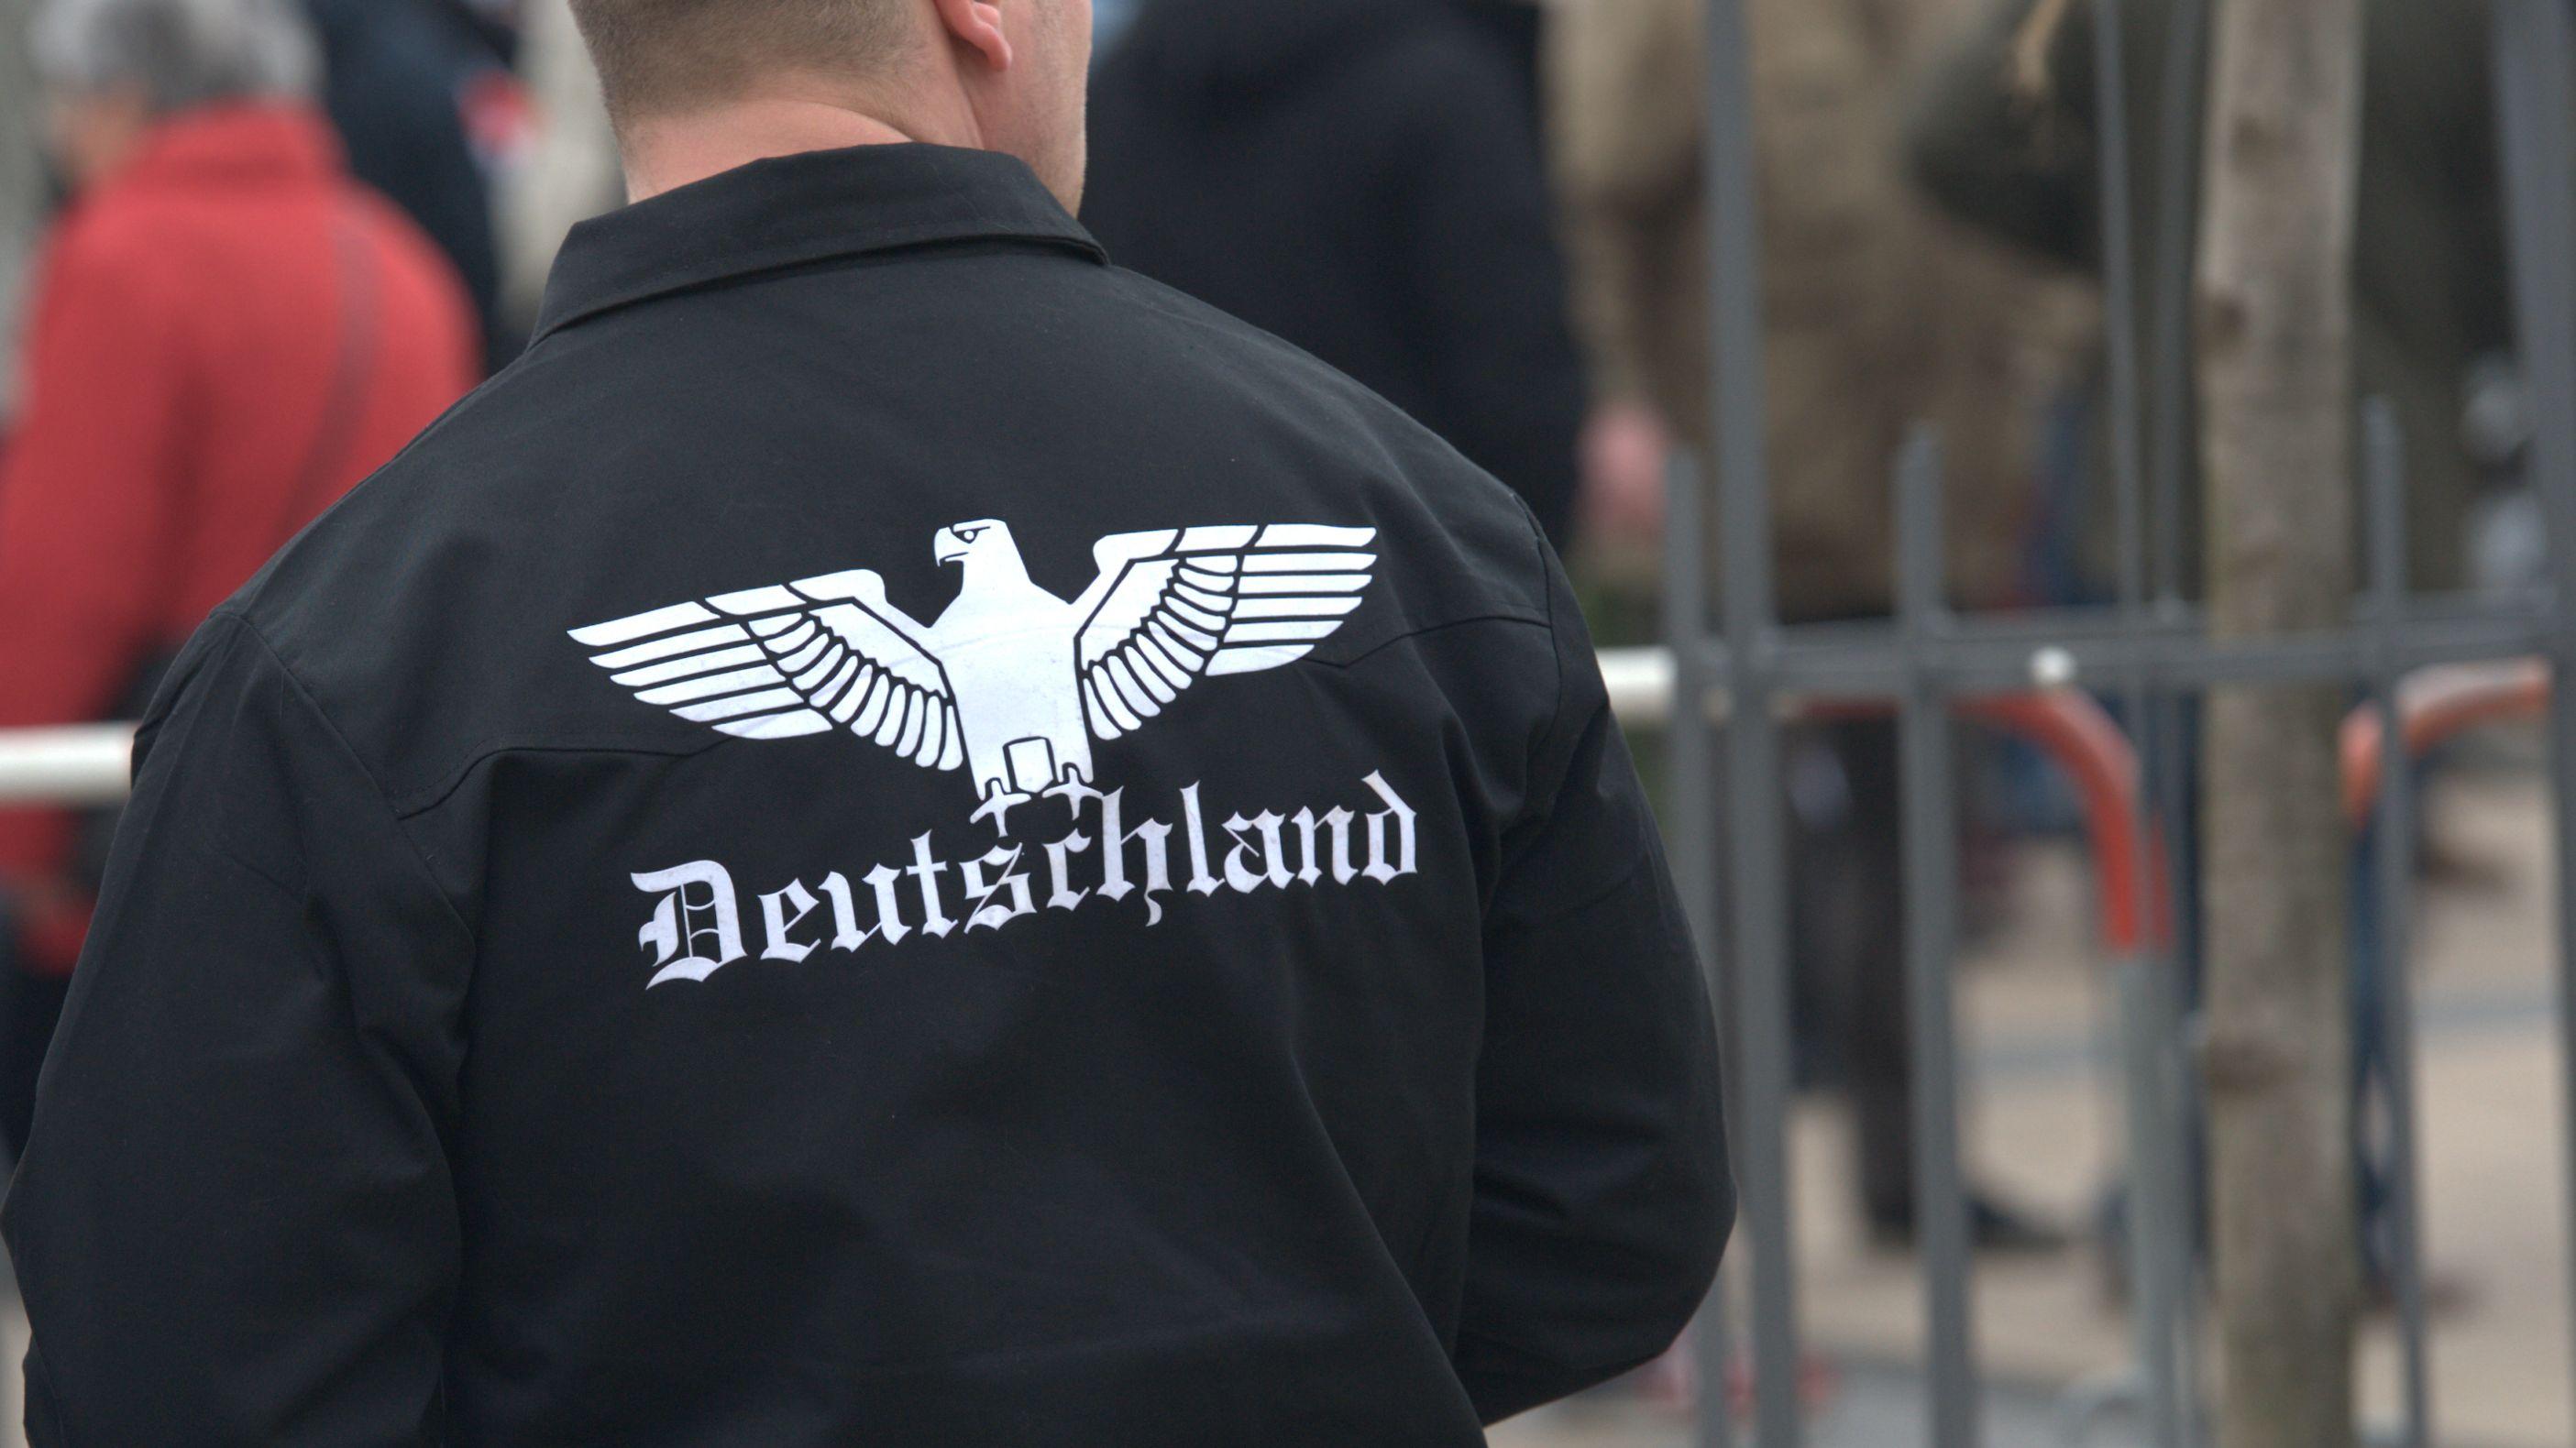 """Schriftzug """"Deutschland"""" auf der Jacke eines Mannes, der an einem Protestzug teilnimmt"""